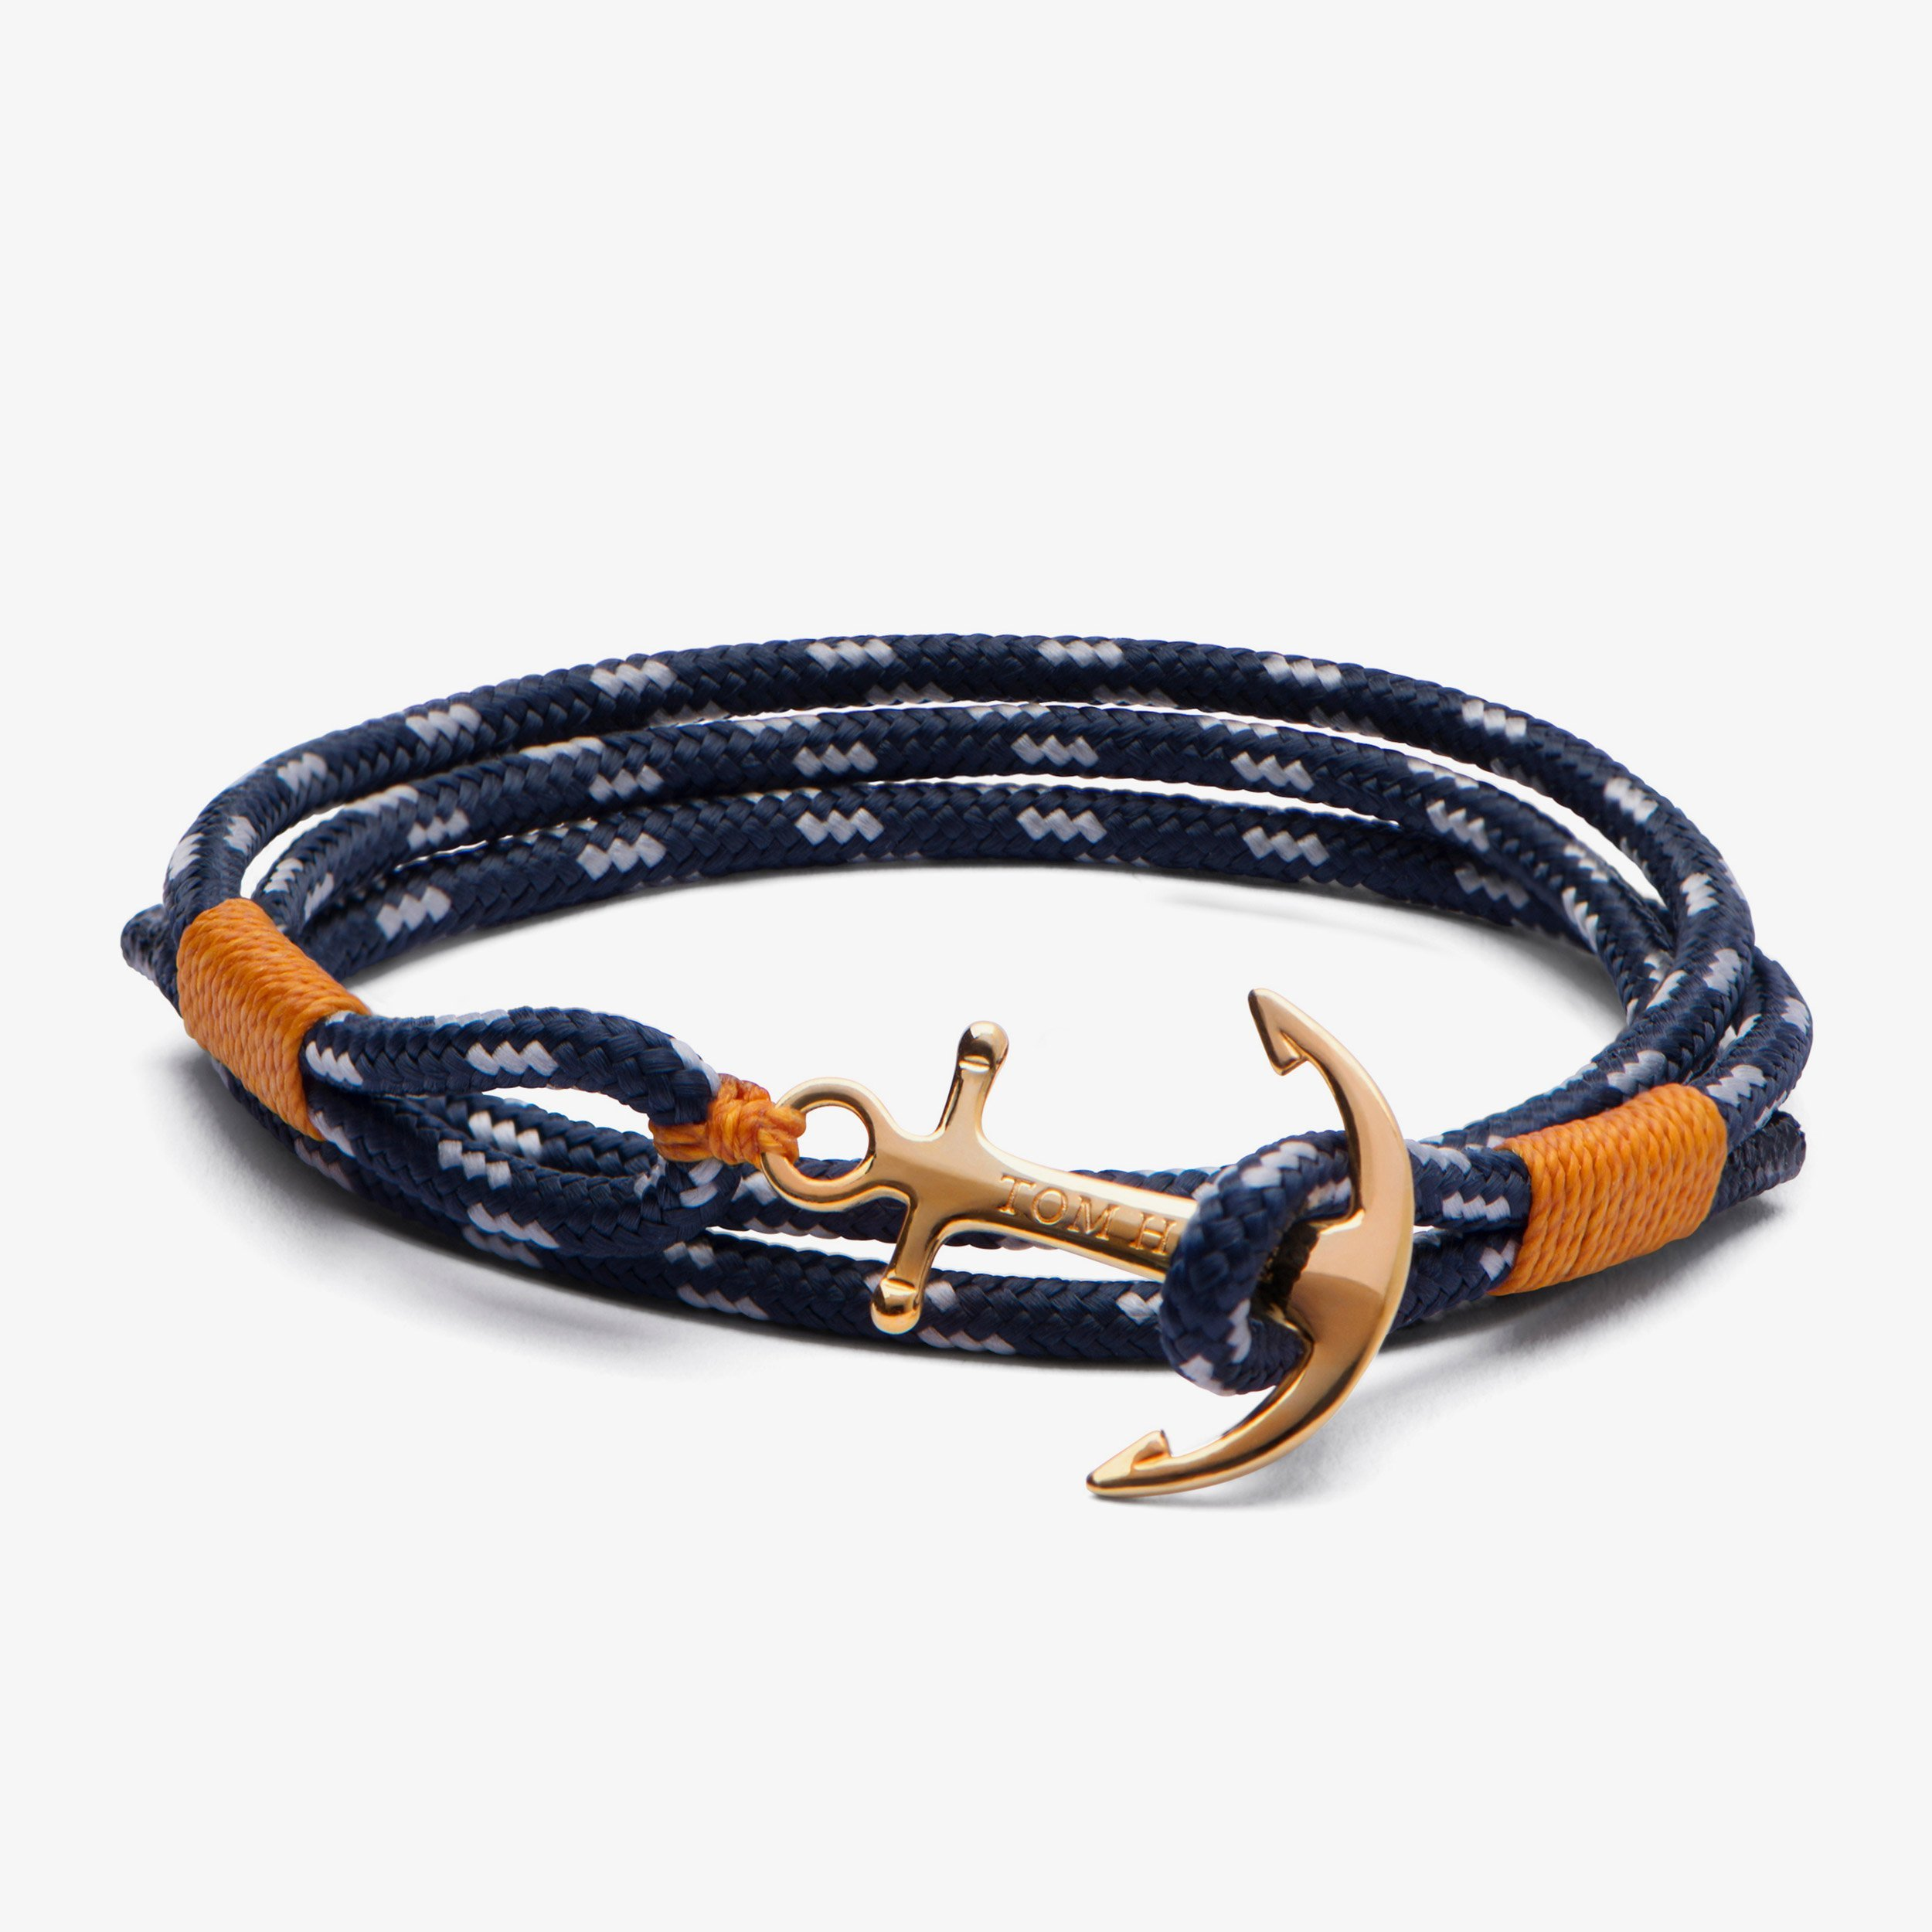 tom-hope-24k-bracelet-classics-tomhope-1.jpg